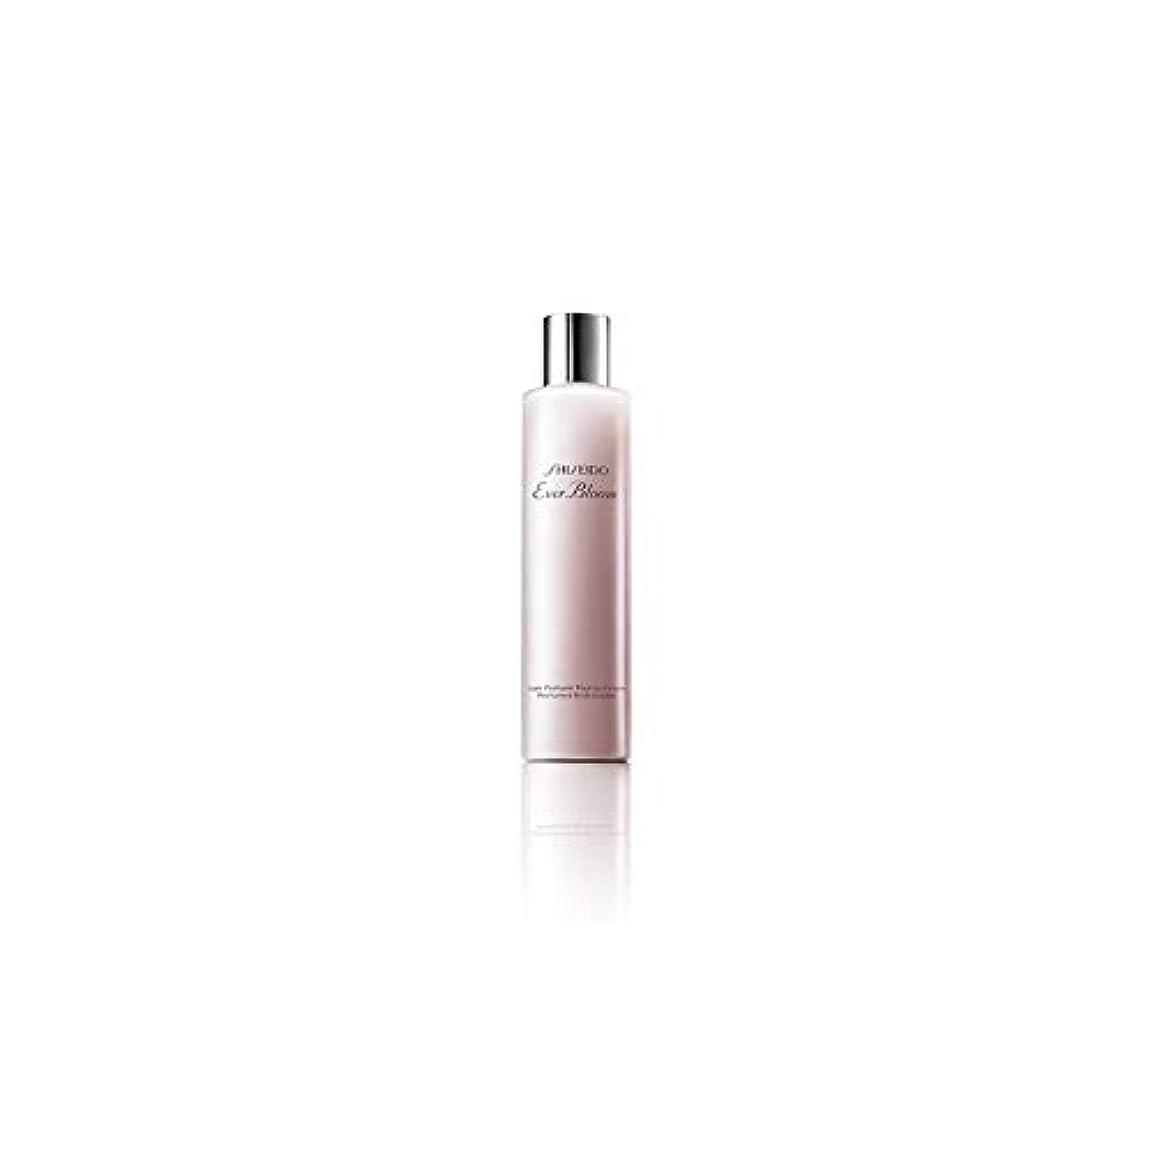 素子沈黙家事をする[Shiseido] 資生堂これまでブルームボディローション(30ミリリットル) - Shiseido Ever Bloom Body Lotion (30ml) [並行輸入品]